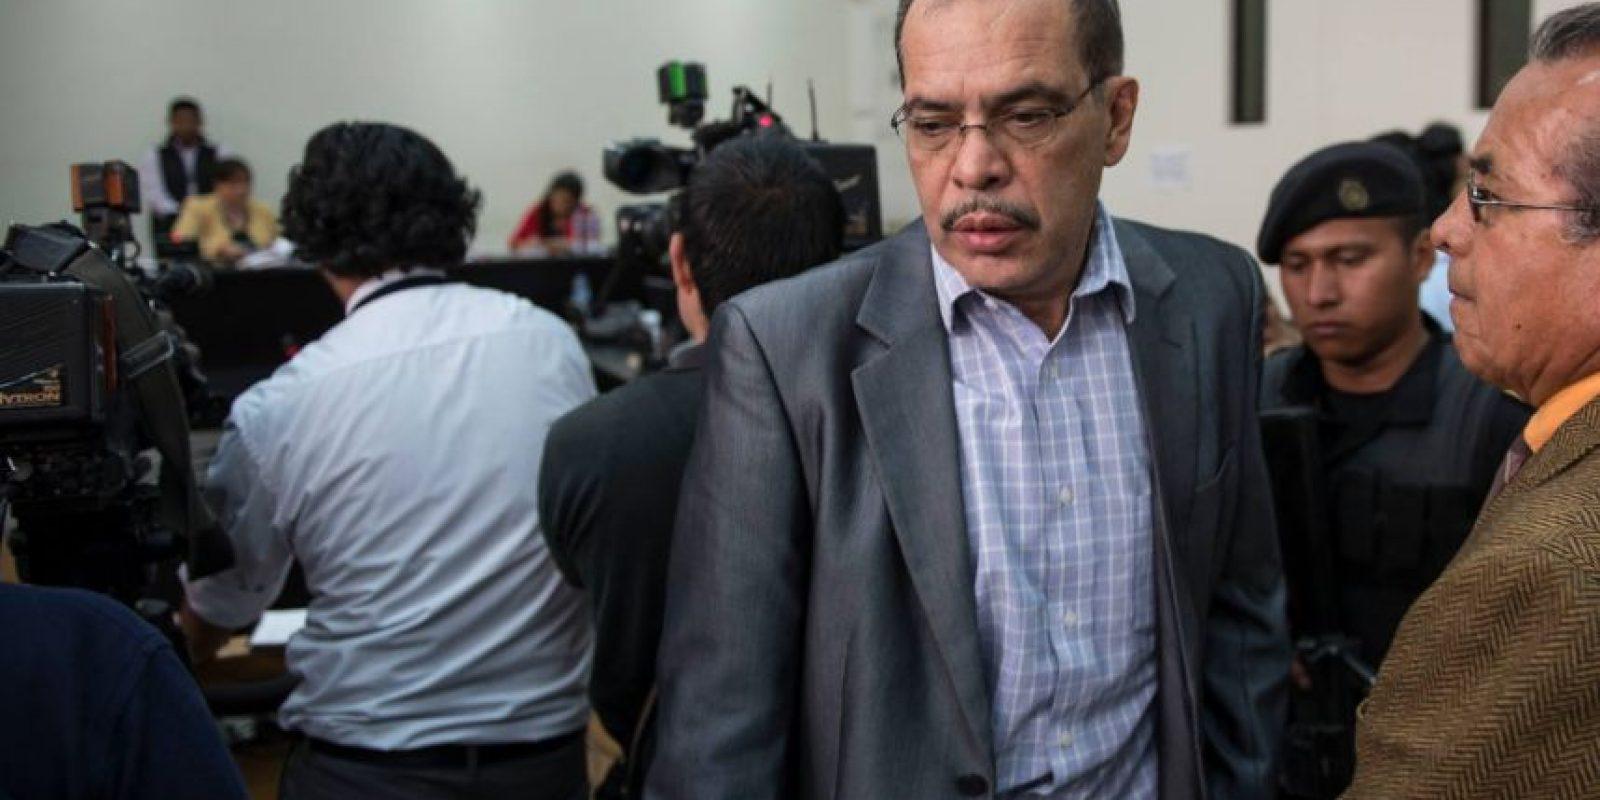 el doctor Erwin Raúl Castañeda Pineda, de 61 años Foto:Oliver de Ros